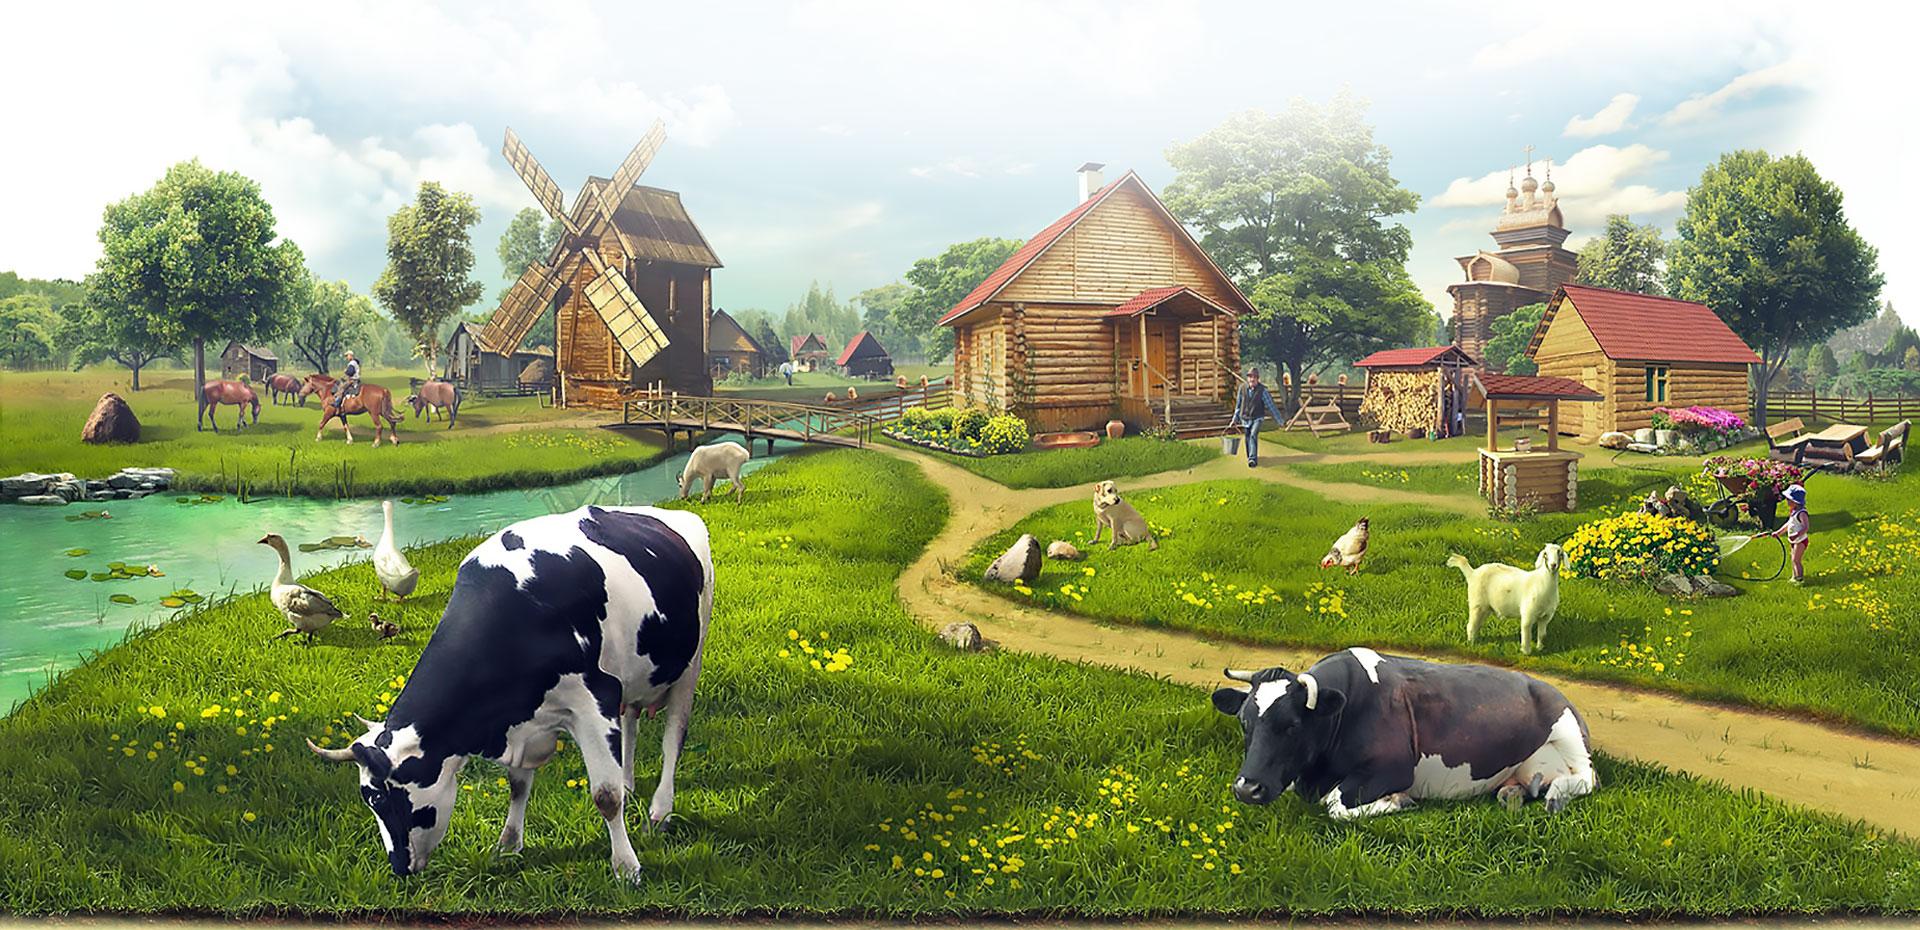 реклама фермы картинки поделитесь своей